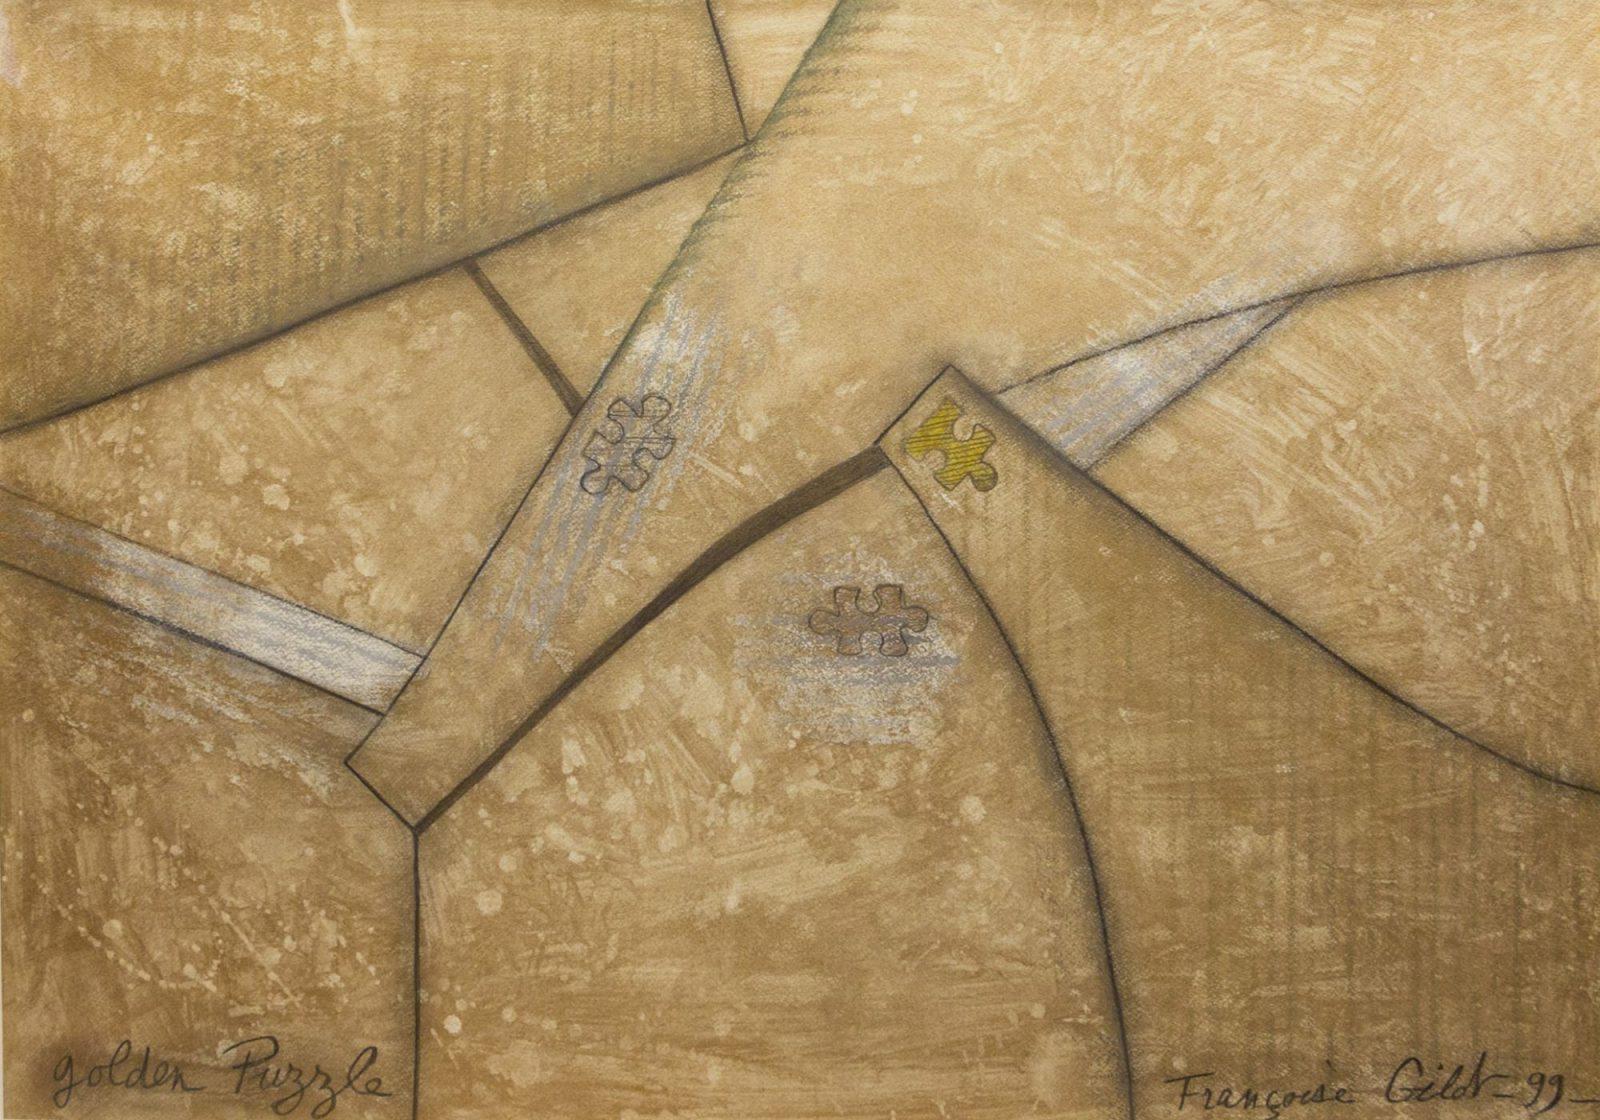 Françoise Gilot: Golden Puzzle